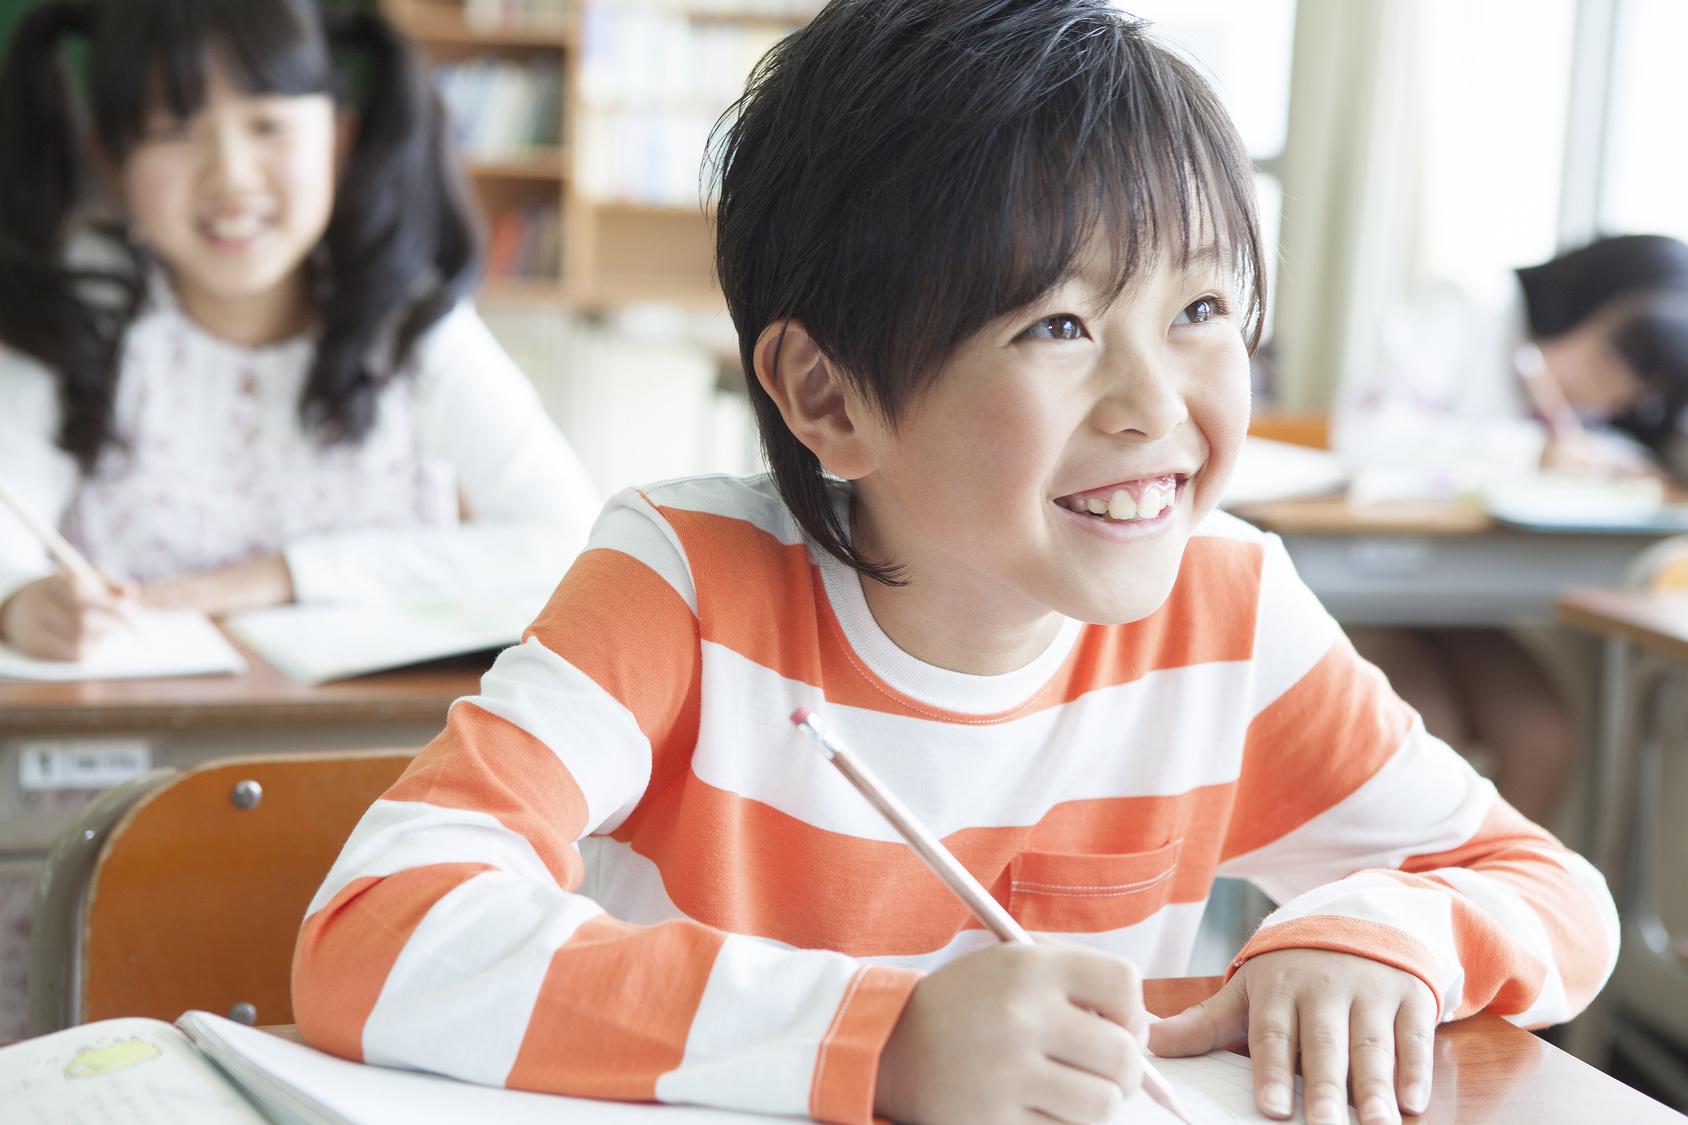 放課後等デイサービス・児童発達支援のイメージ